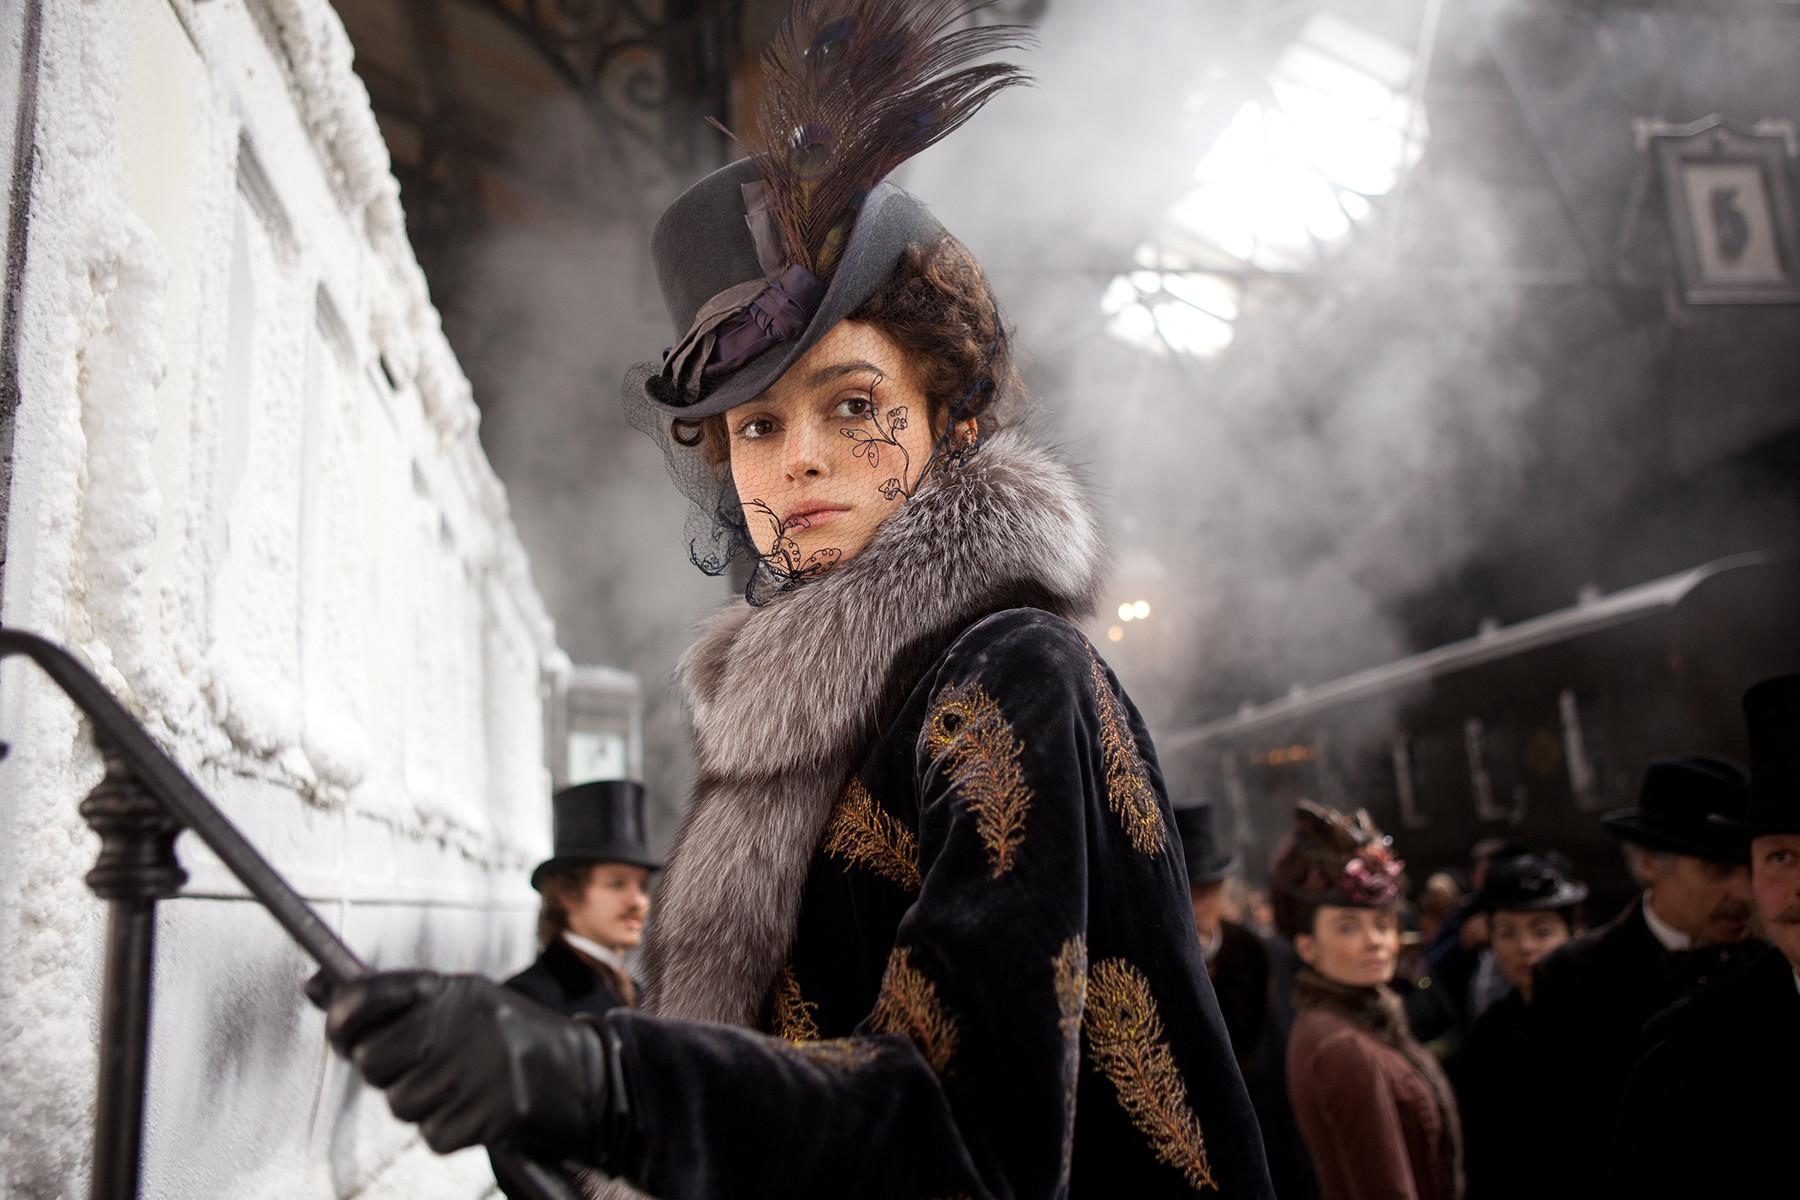 Можда Кира Најтли није била баш најбољи избор за улогу Карењине, али је Џо Рајт још једном скренуо пажњу на Толстојеву класику.